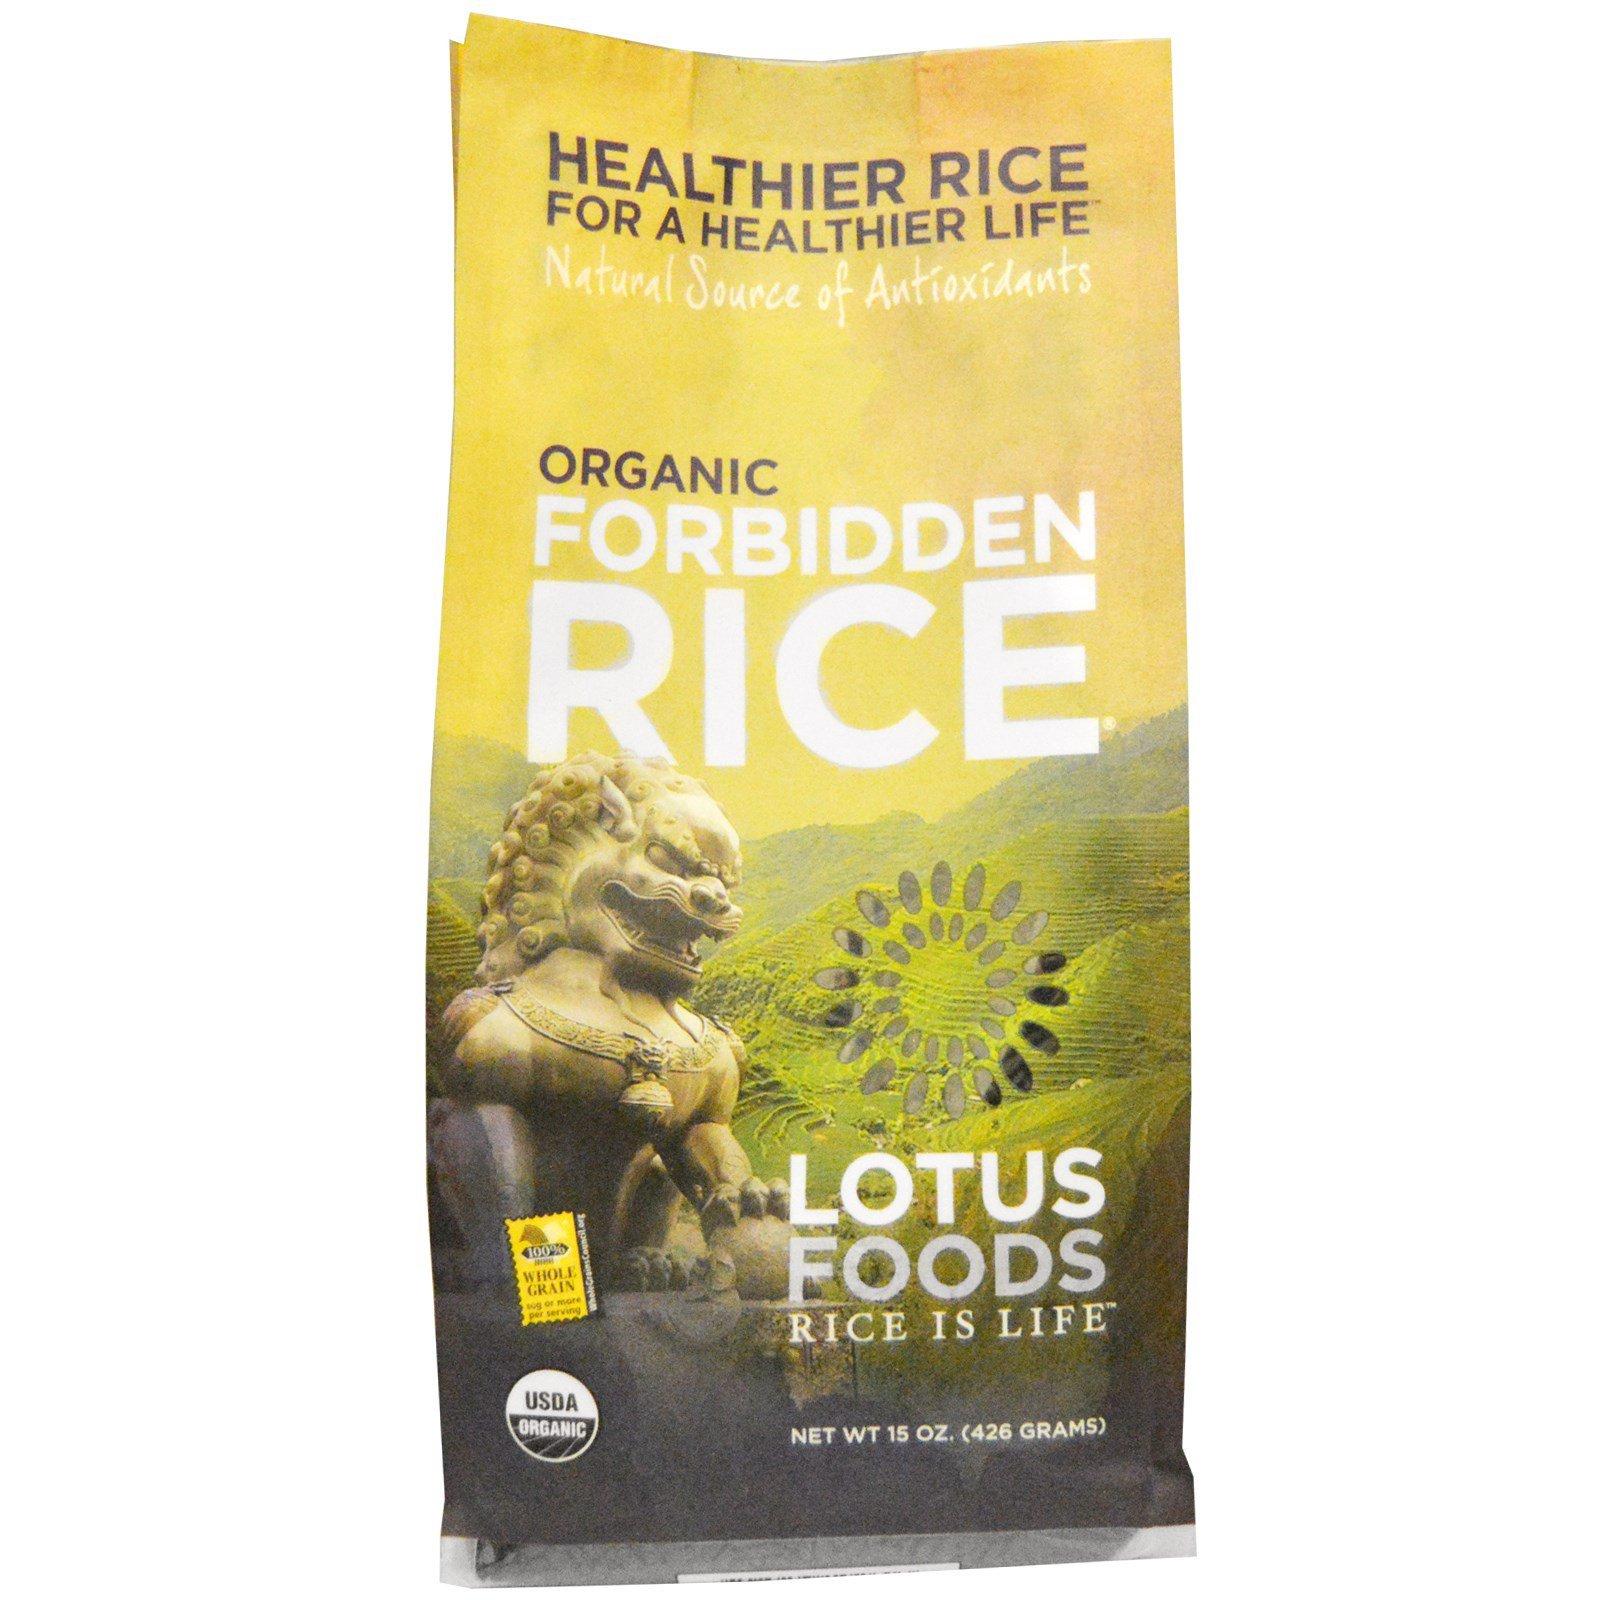 افضل ارز صحي من اي هيرب